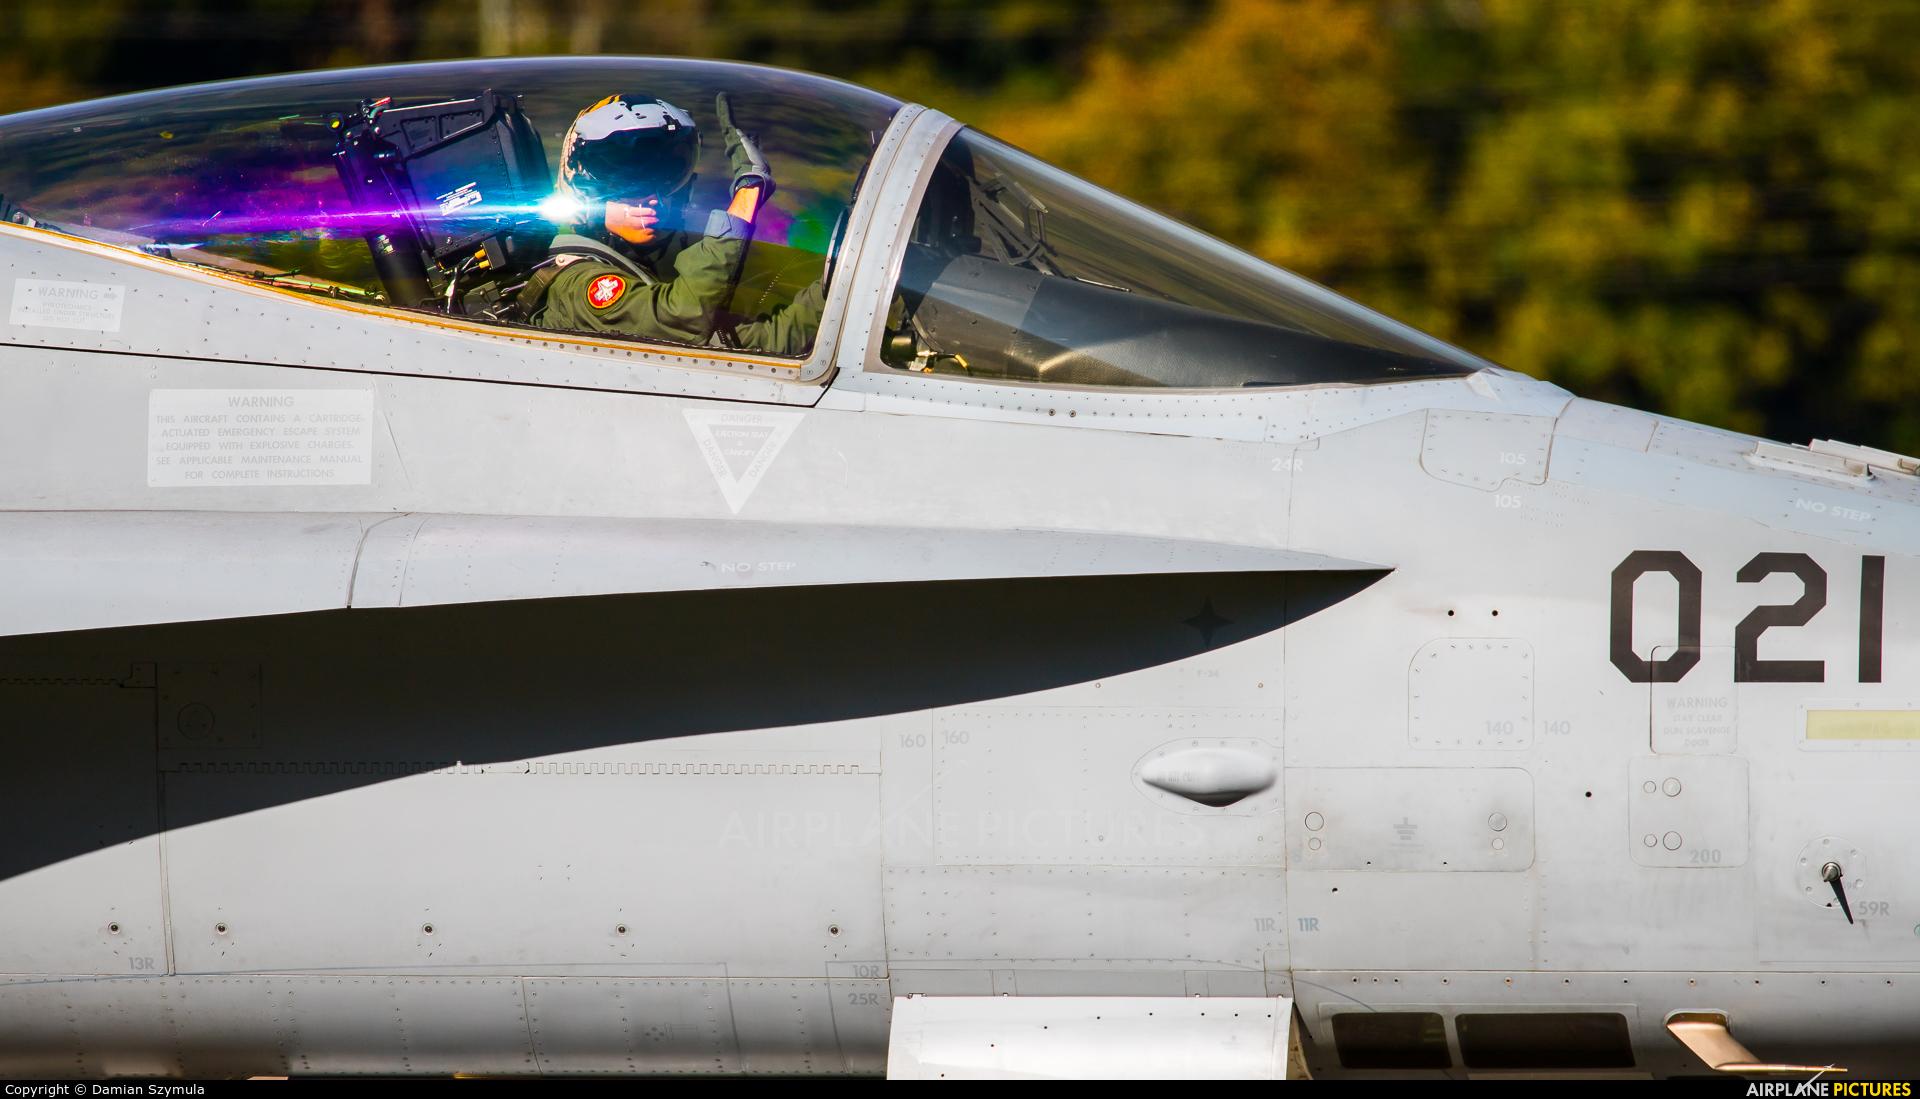 Switzerland - Air Force J-5021 aircraft at Meiringen